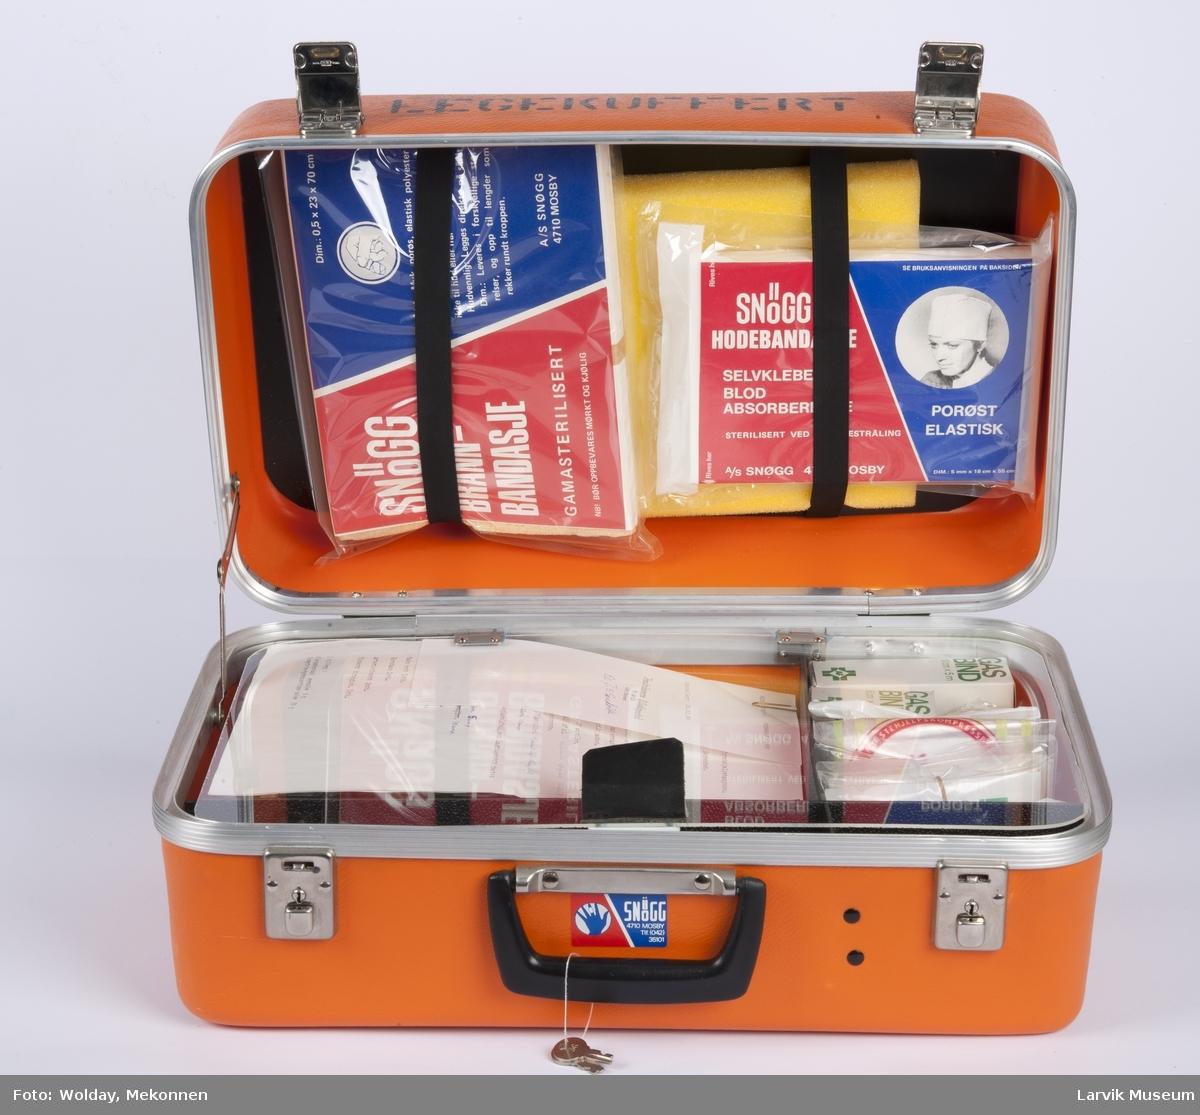 Legekoffert med diverse utstyr som bandasje, plaster, gasbind, bomuld, diverse sakser, sprøyter etc., samt liste over innhold.  Førstehjelpskoffert koffert til bruk for lege som kommer tilstede ved ulykker i bedrift.  2 nøkler henger fast i håndtaket.